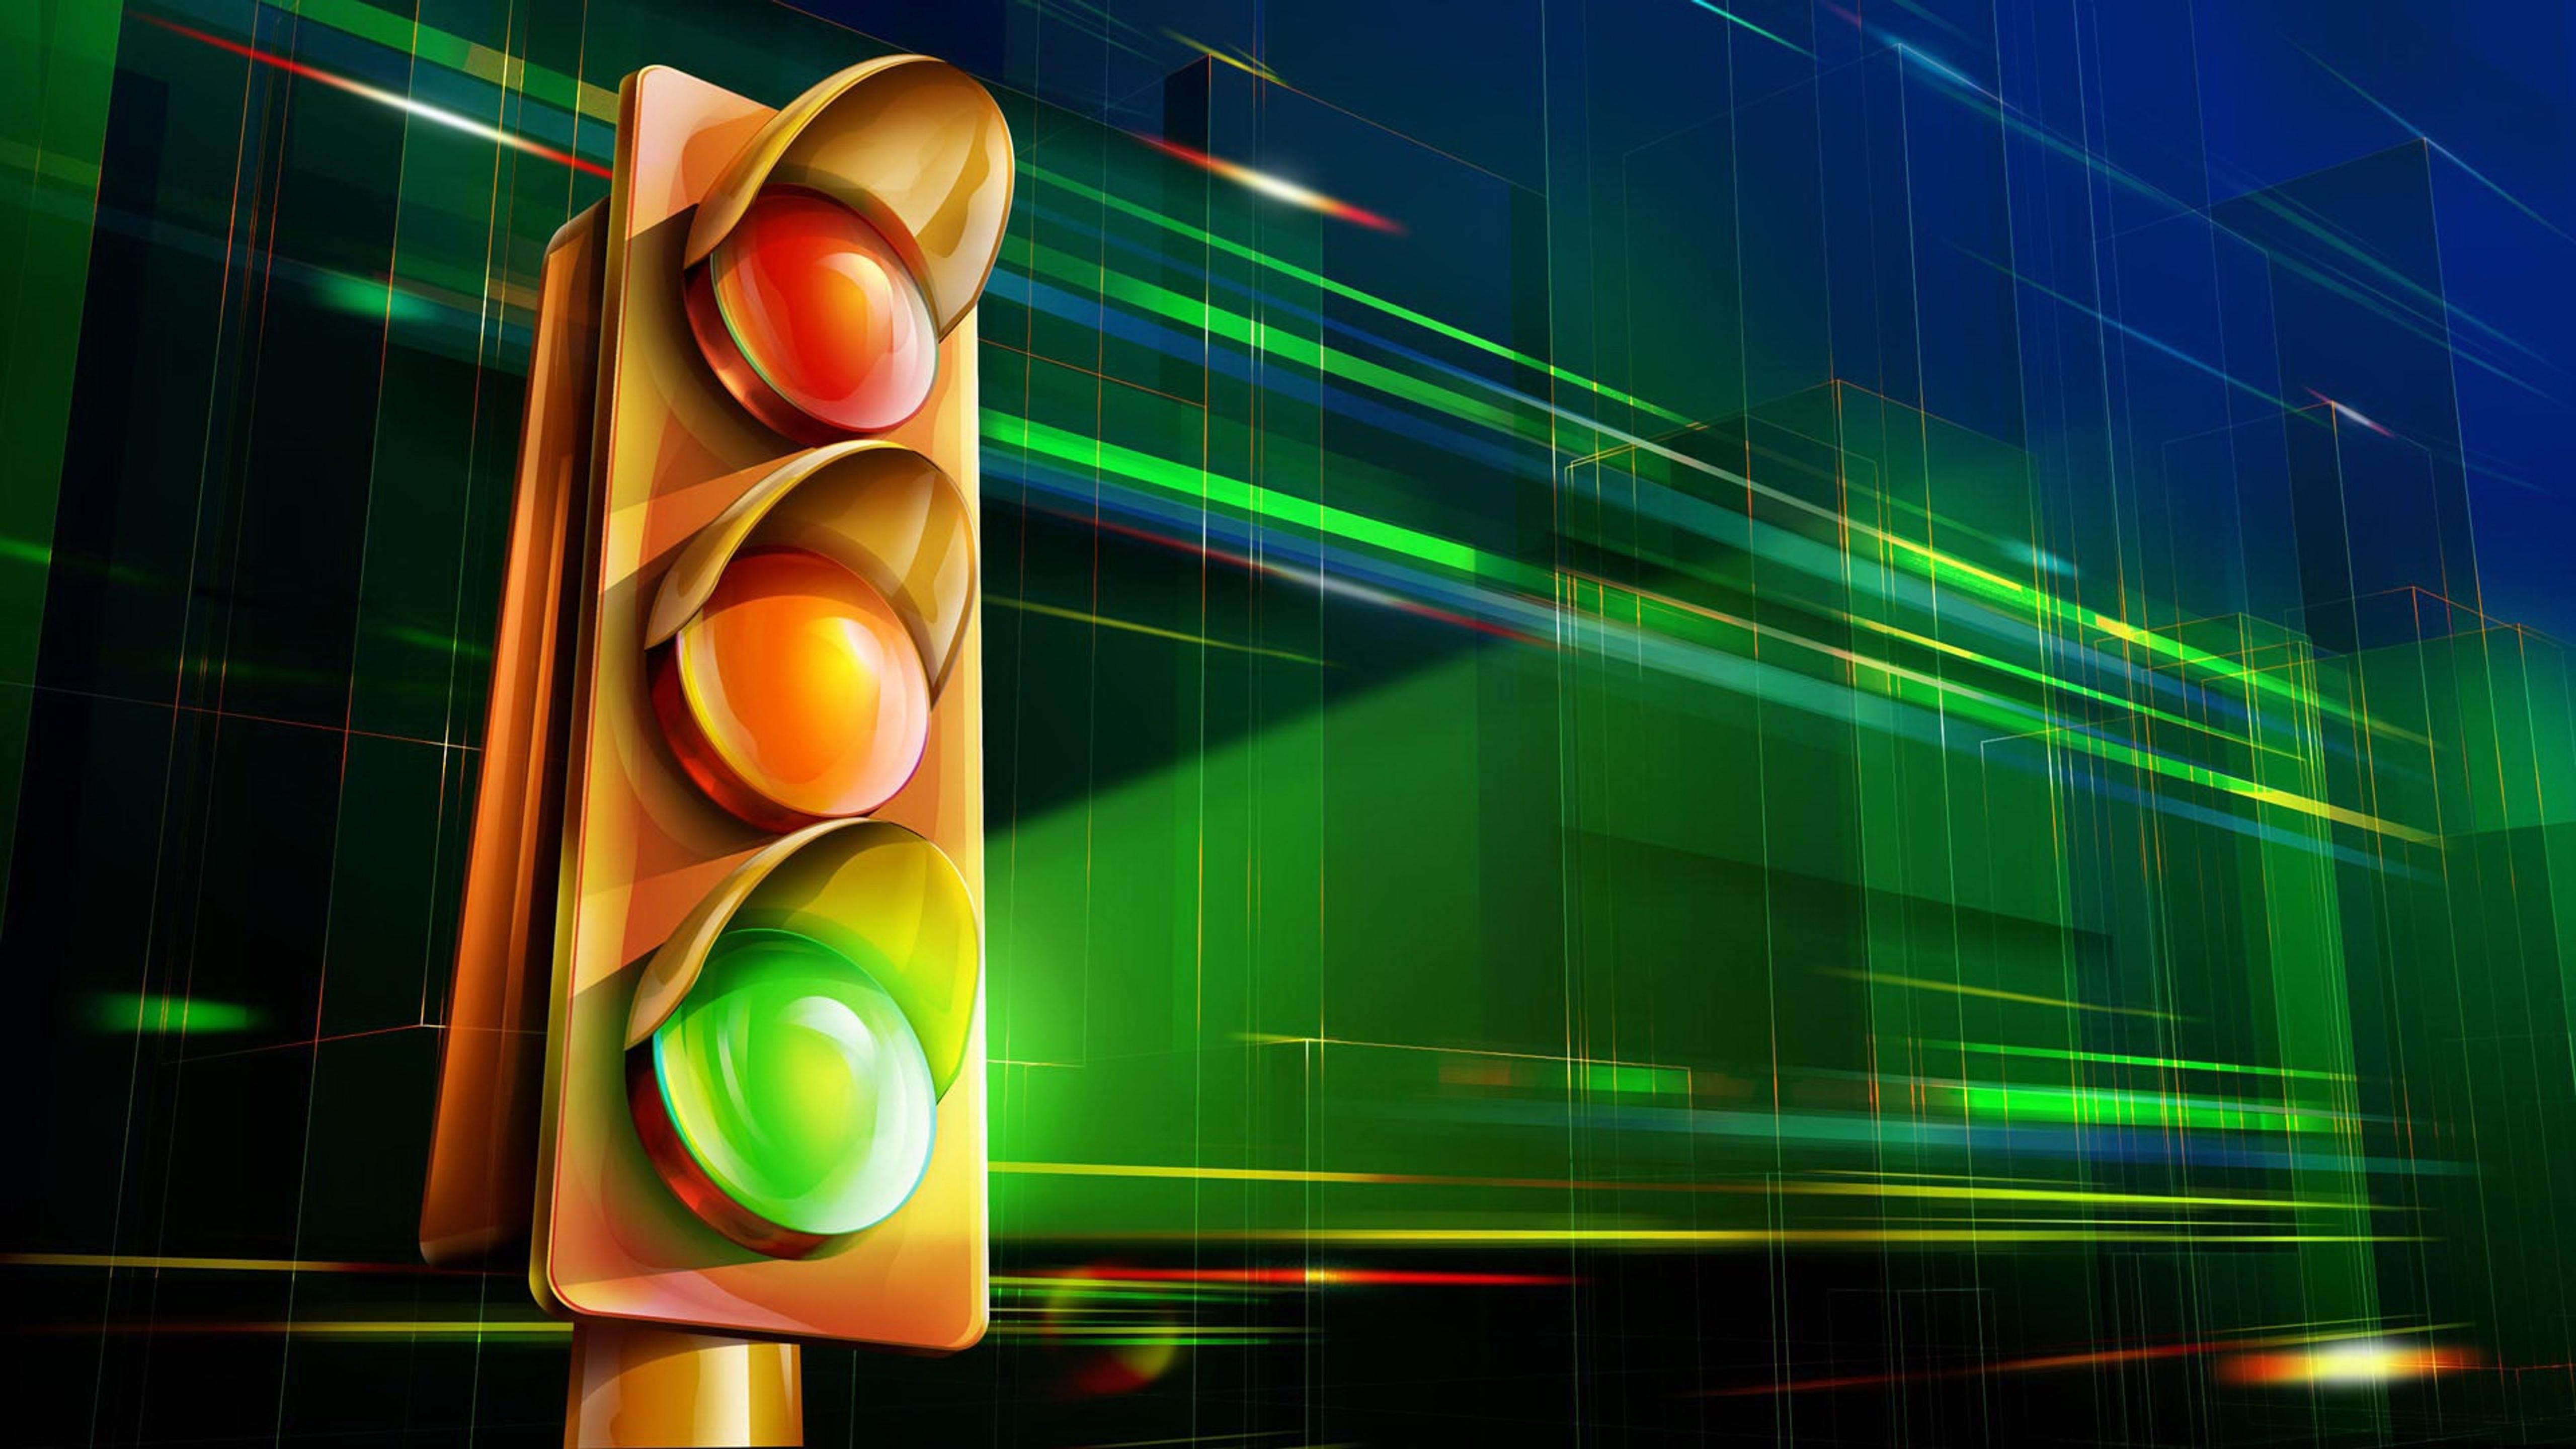 Зеленый свет - картинки на рабочий стол, картинка 1366x768 (.